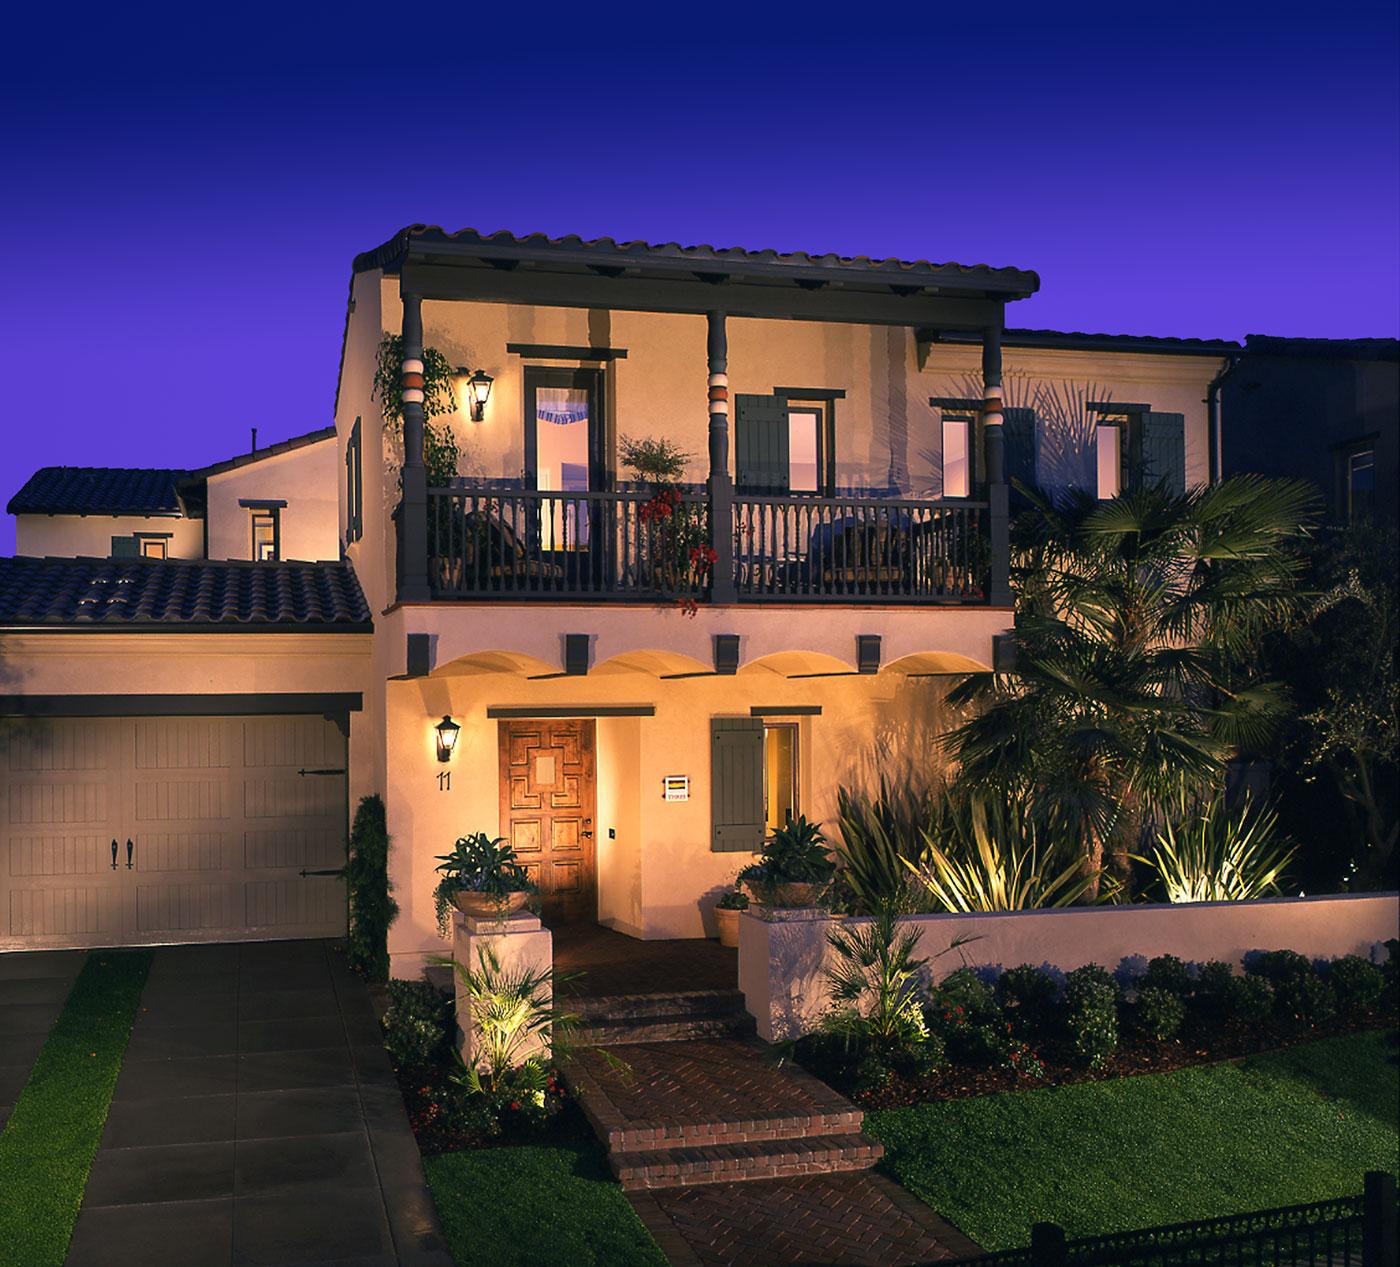 Newport Property Sales